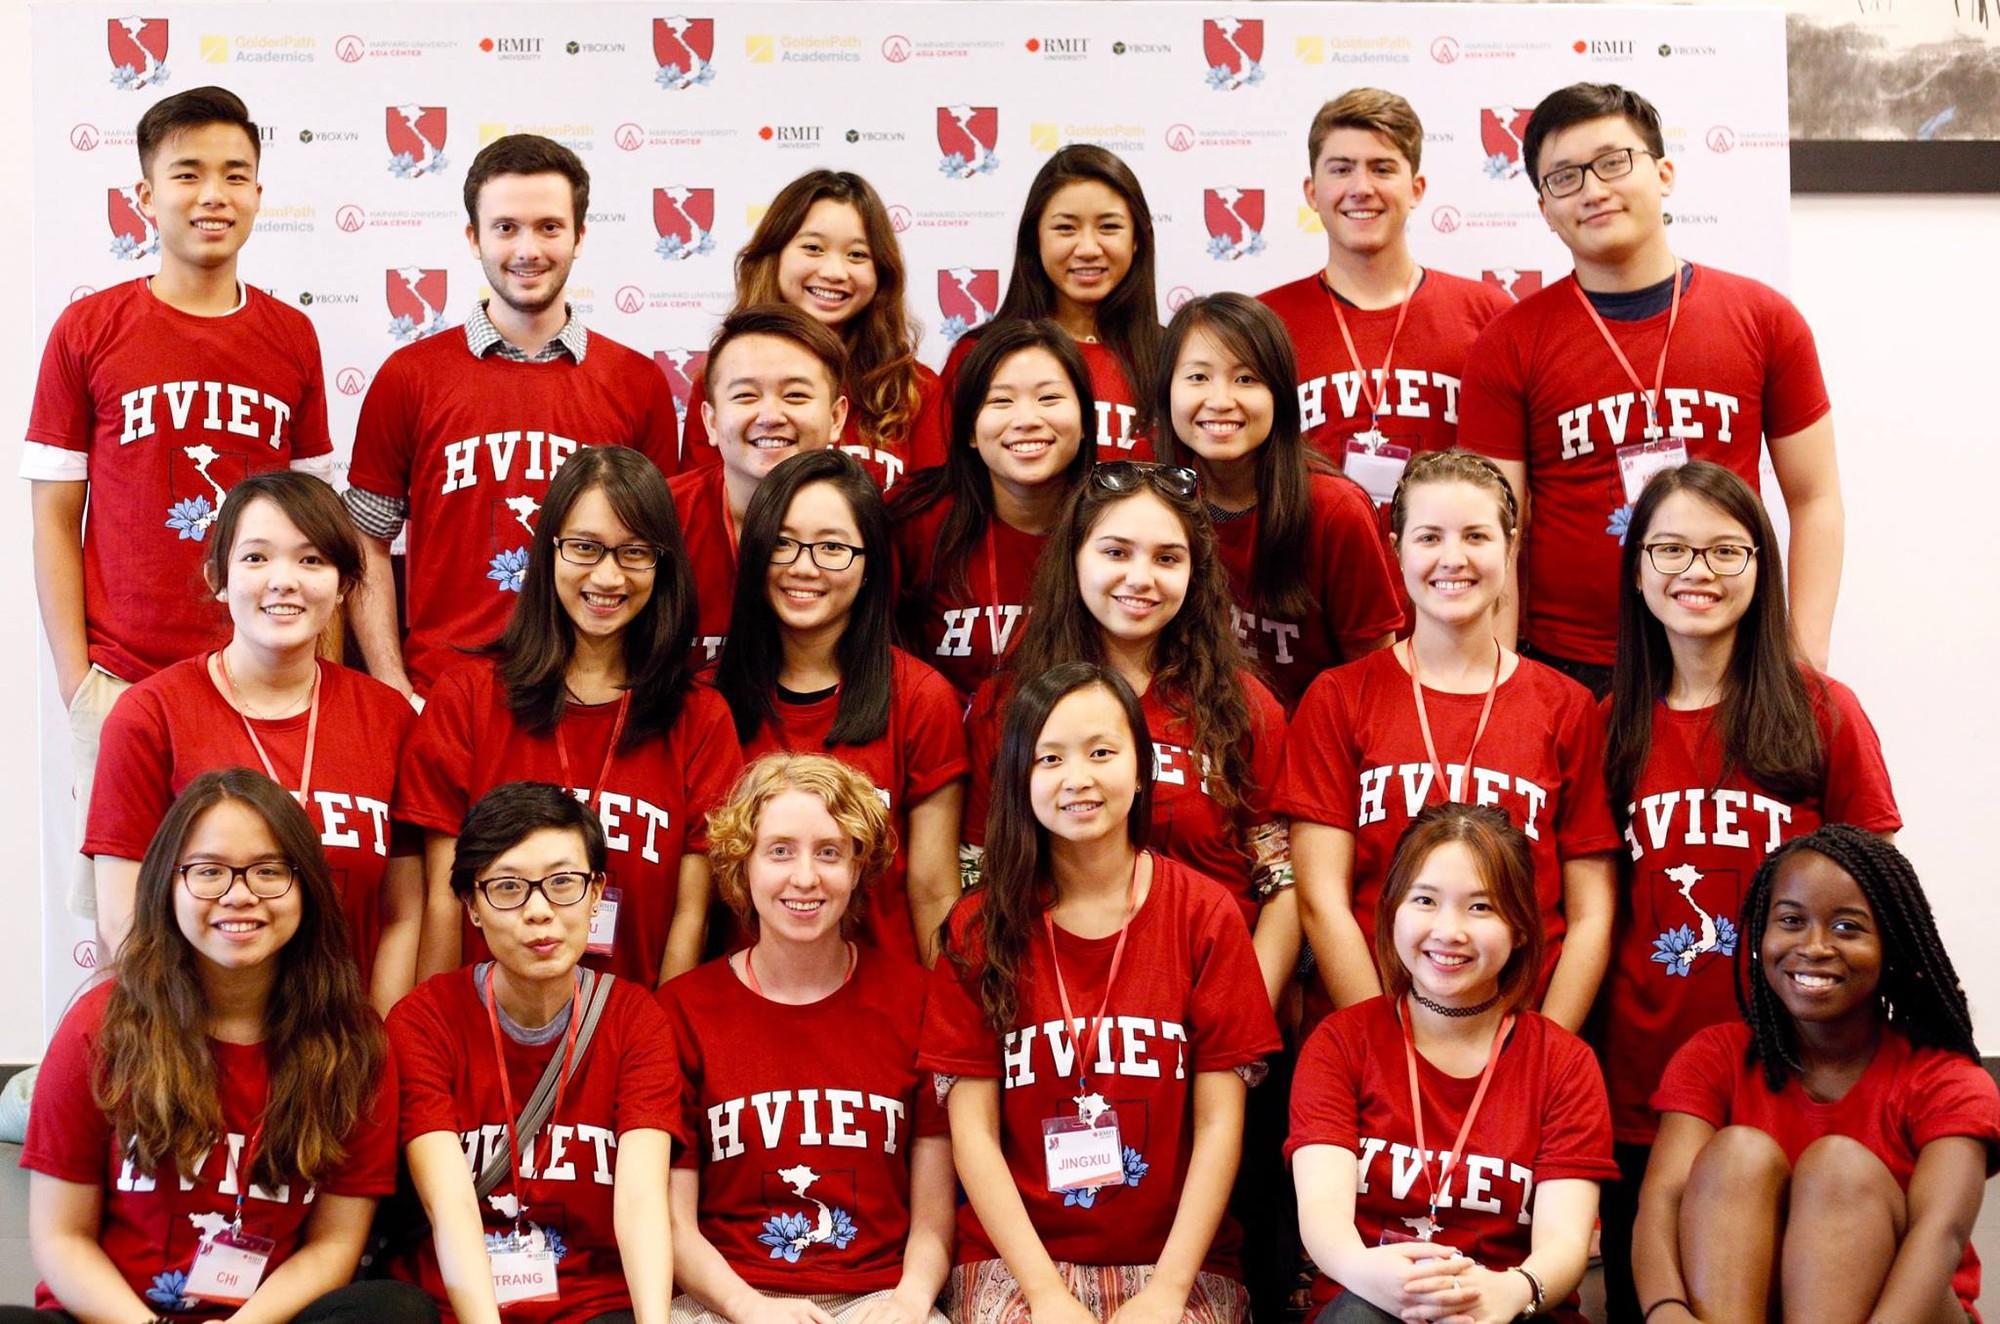 SIU đồng hành cùng HVIET mang trải nghiệm Harvard đến Việt Nam - Ảnh 1.